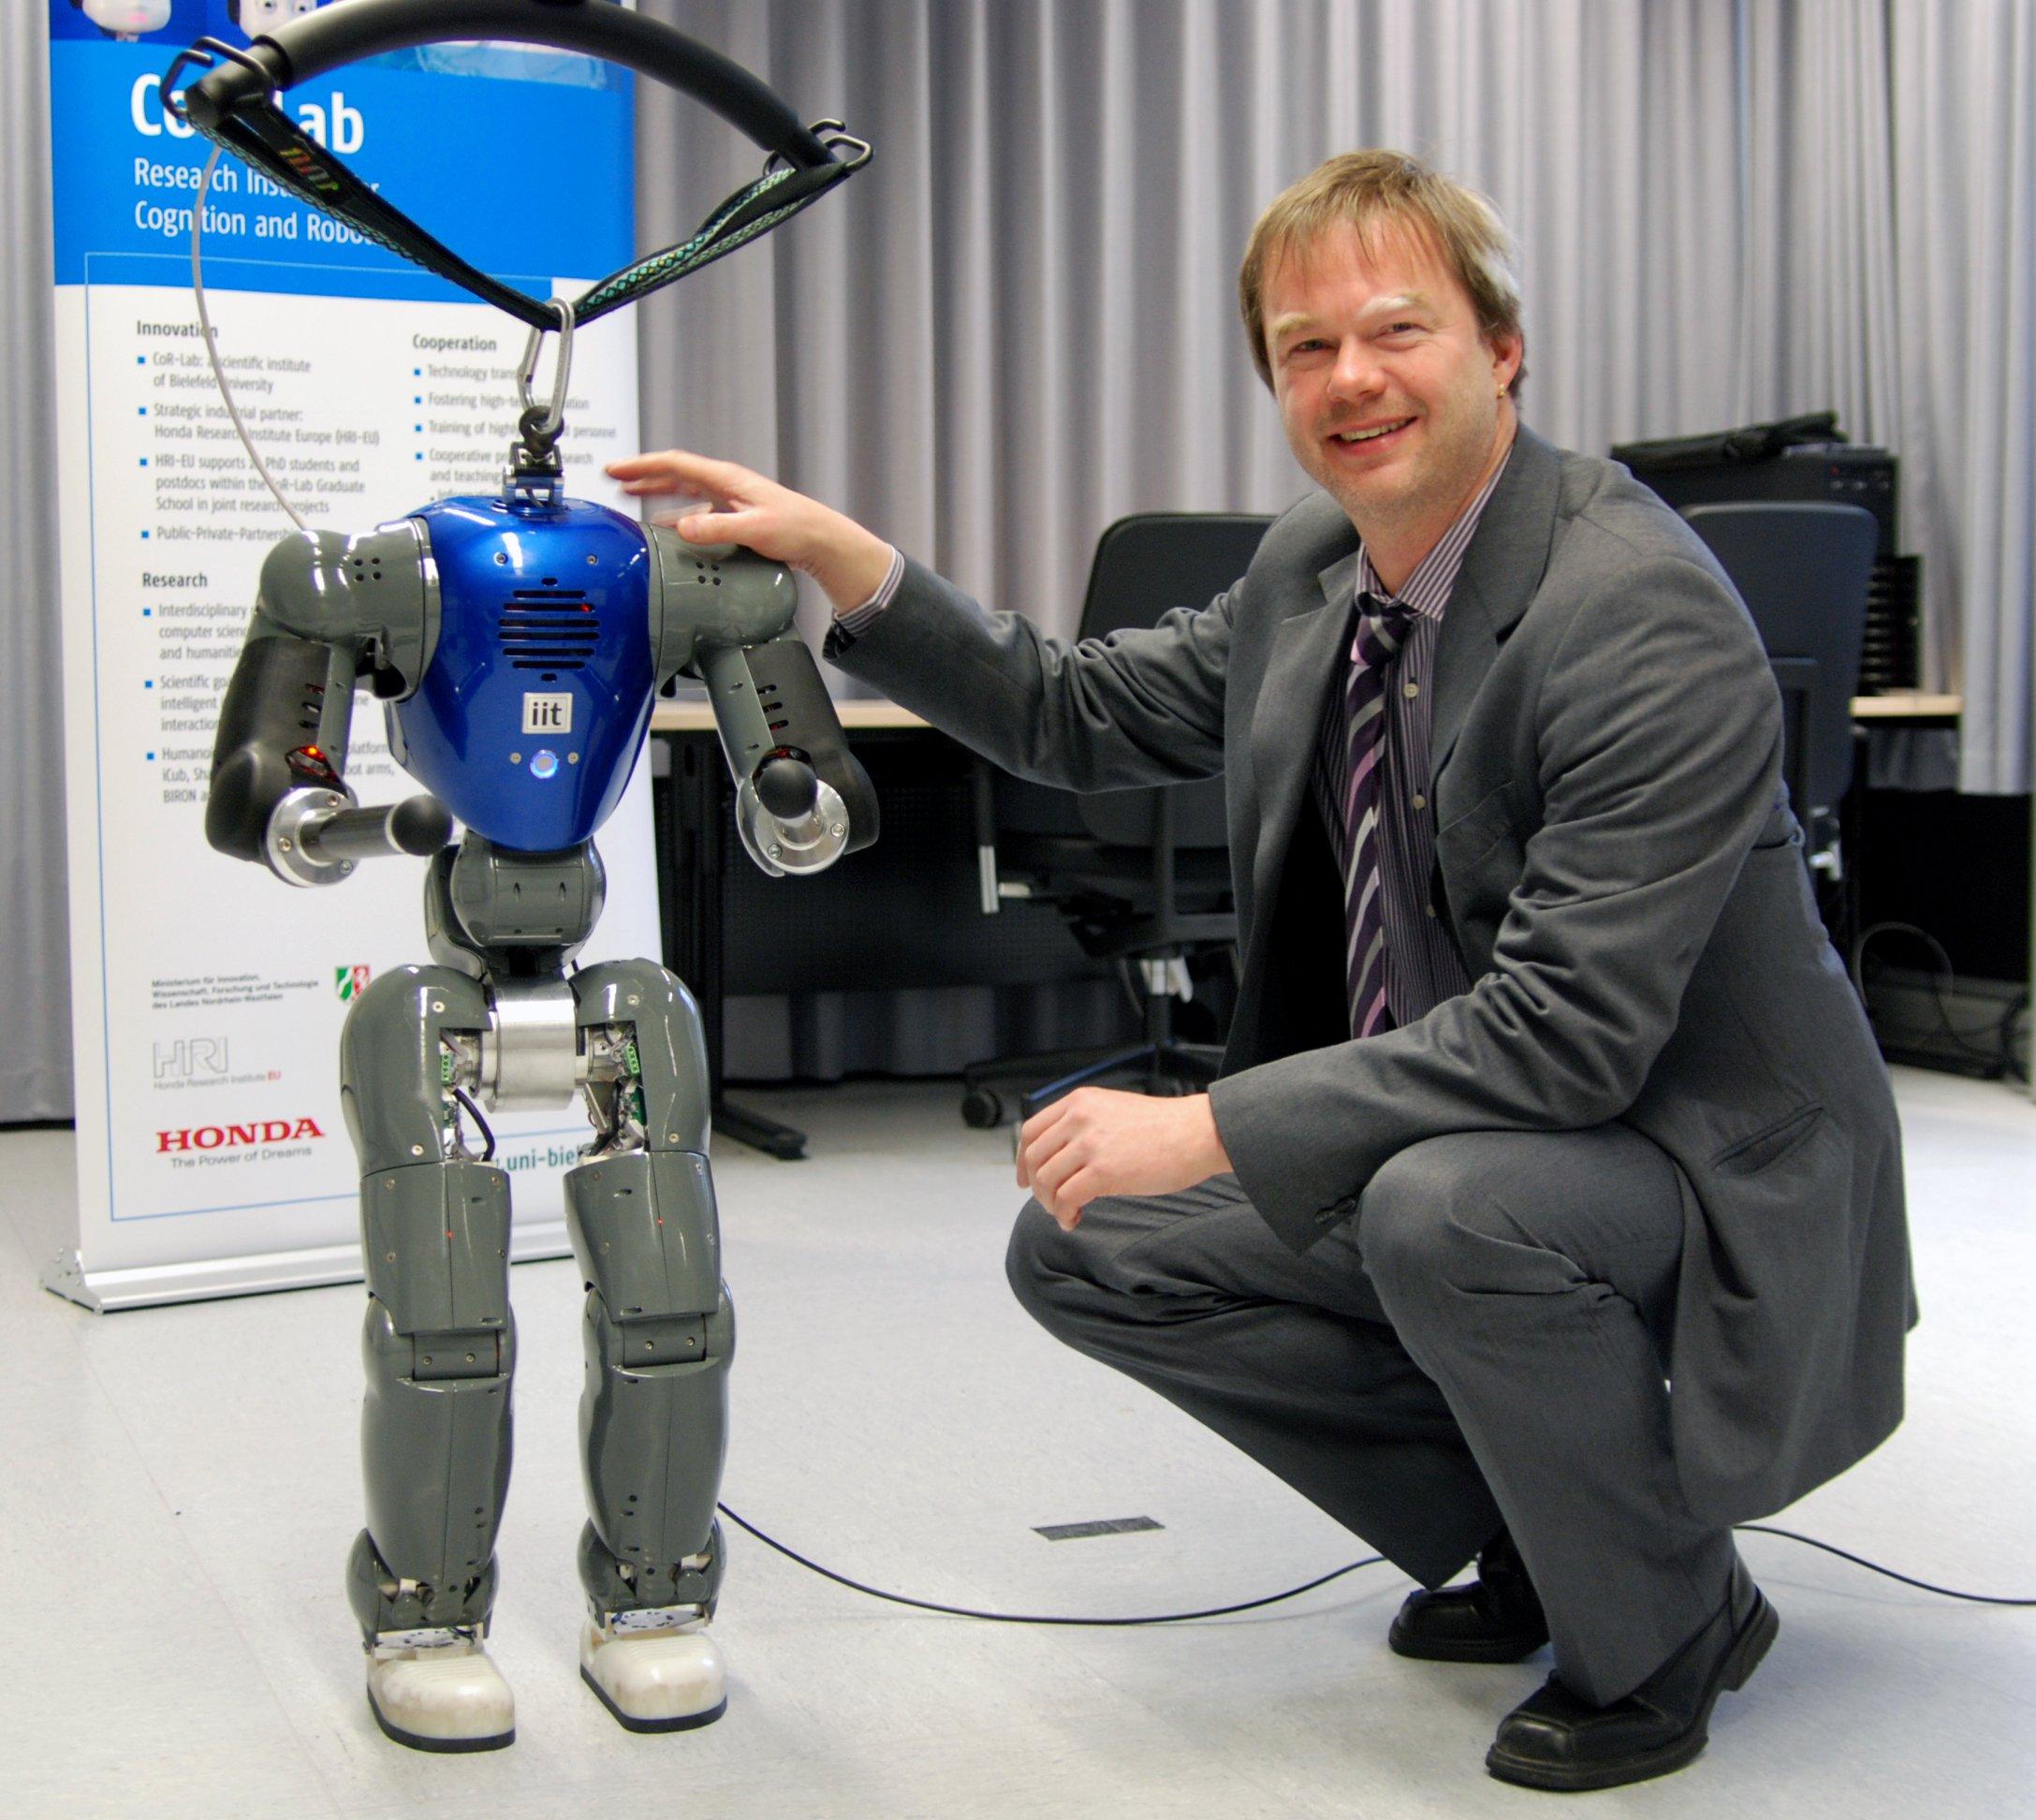 Der humanoide Roboter COMAN soll noch ein bisschen wachsen, damit er mit Erwachsenen interagieren kann. Professor Dr. Jochen Steil leitet das neue Forschungsprojekt.